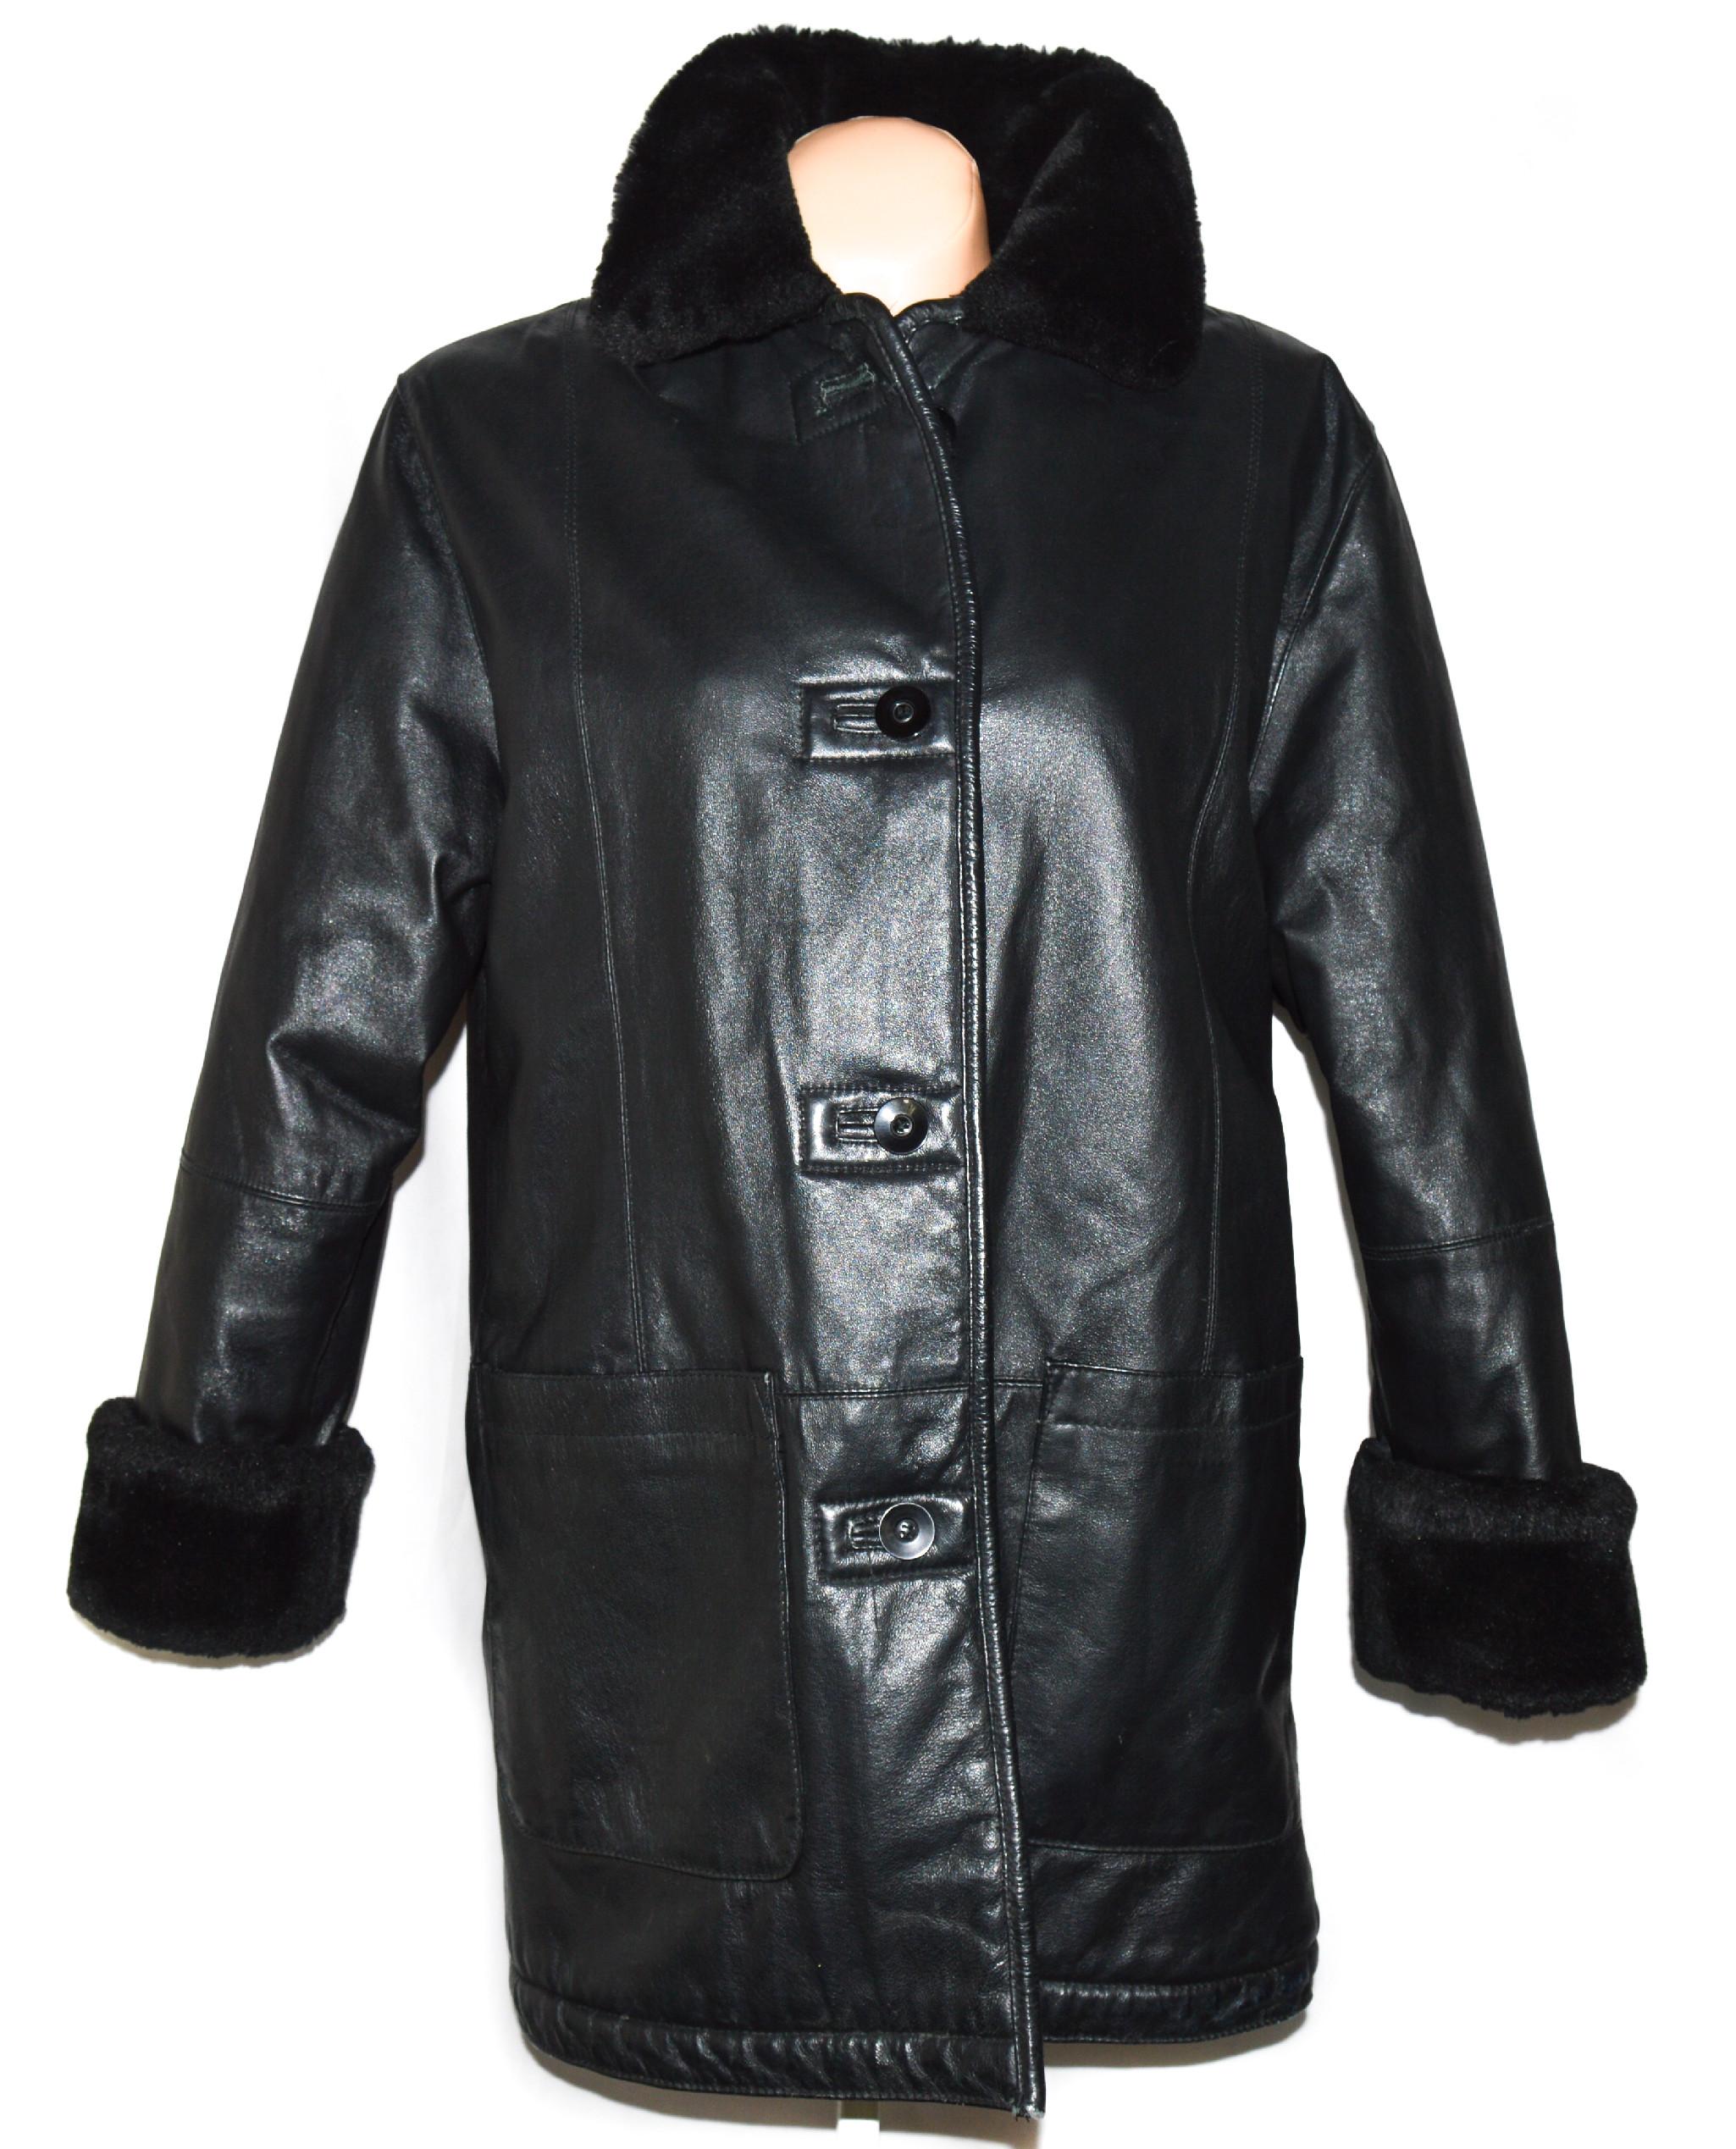 KOŽENÝ dámský černý měkký zimní kabát s kožíškem L